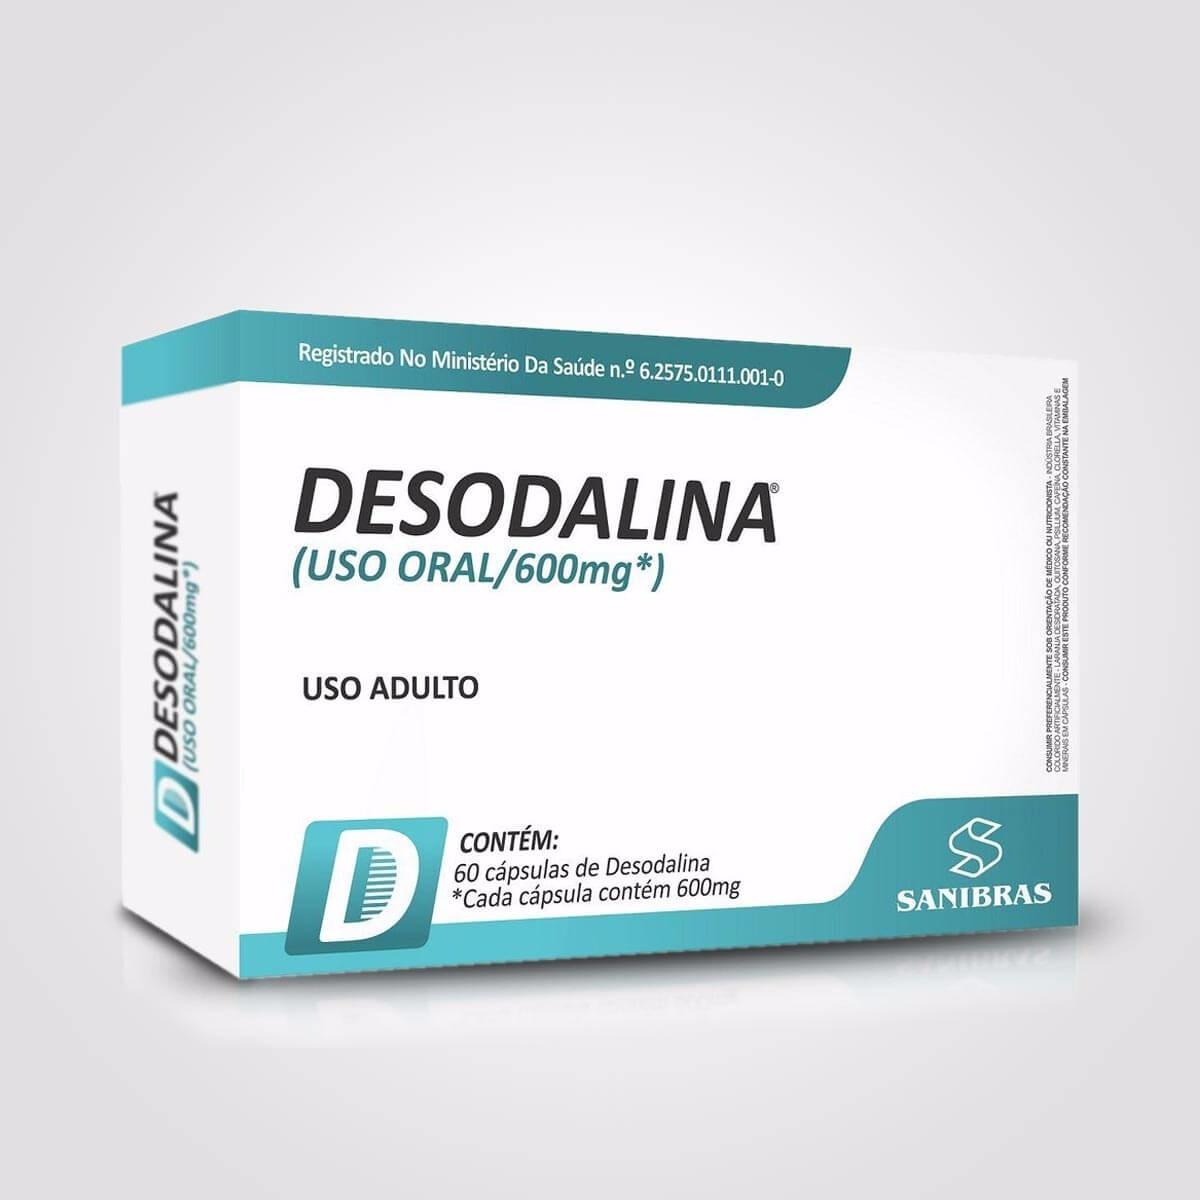 desodalina-600mg-60-capsulas-sanibras-re